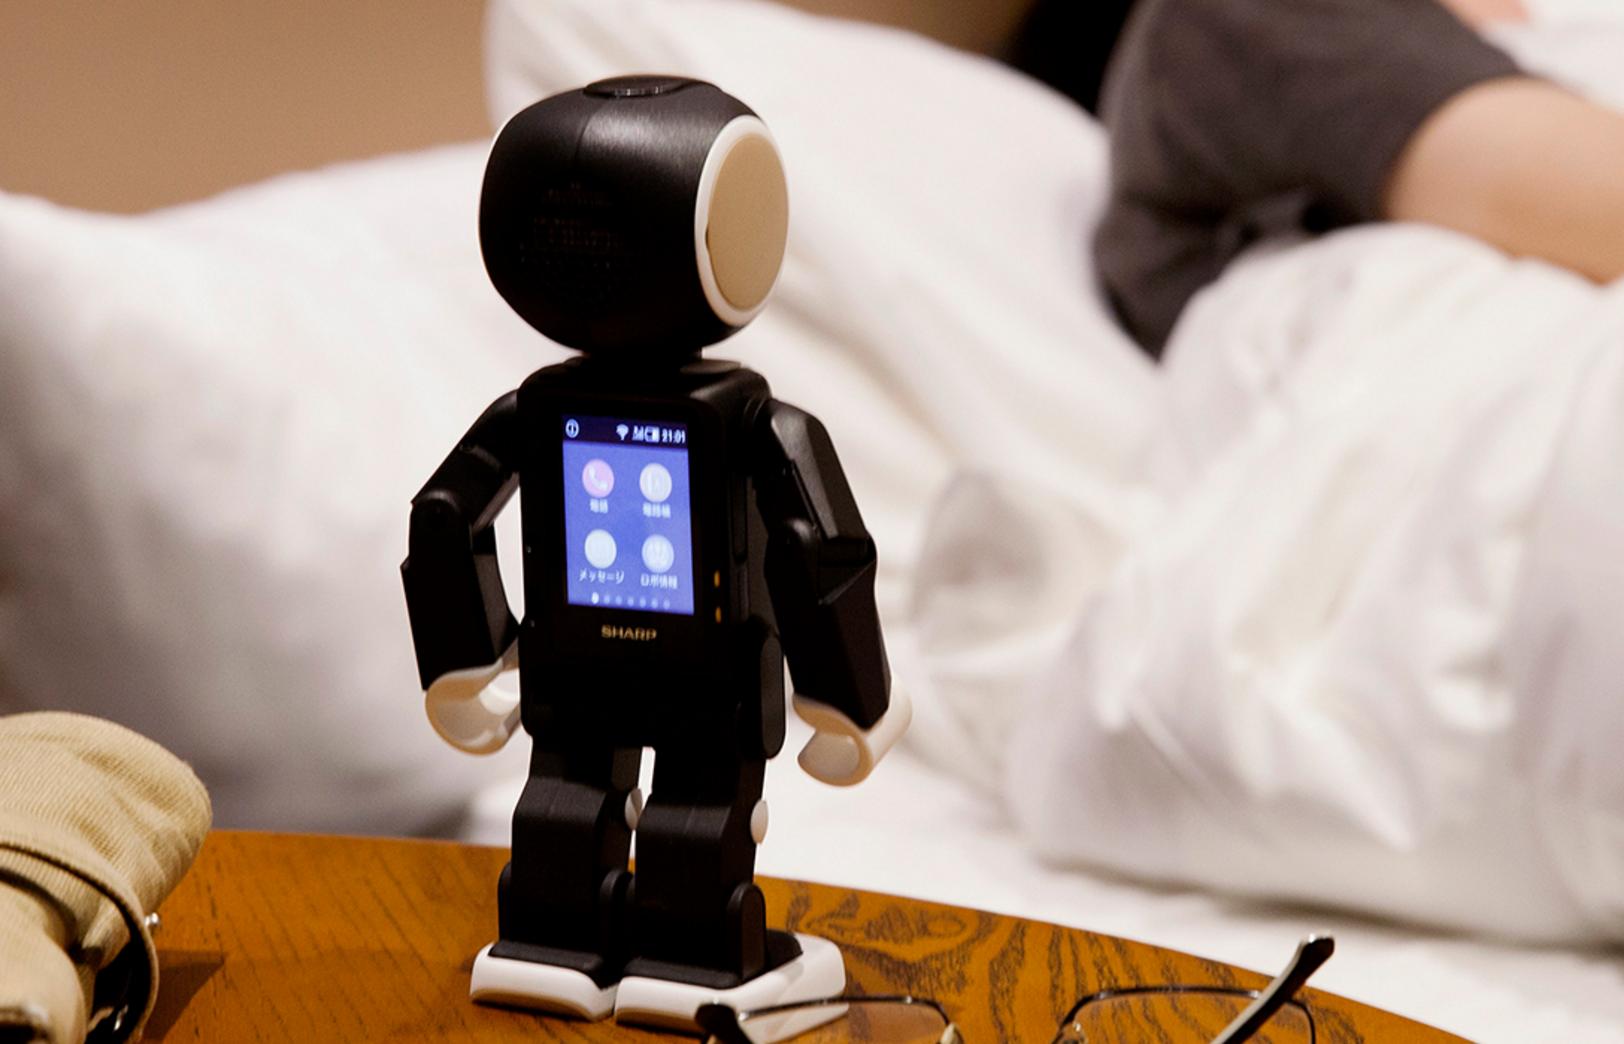 シャープから発売されるロボット型スマホ「ロボホン」の性能や機能、スペックや価格を紹介